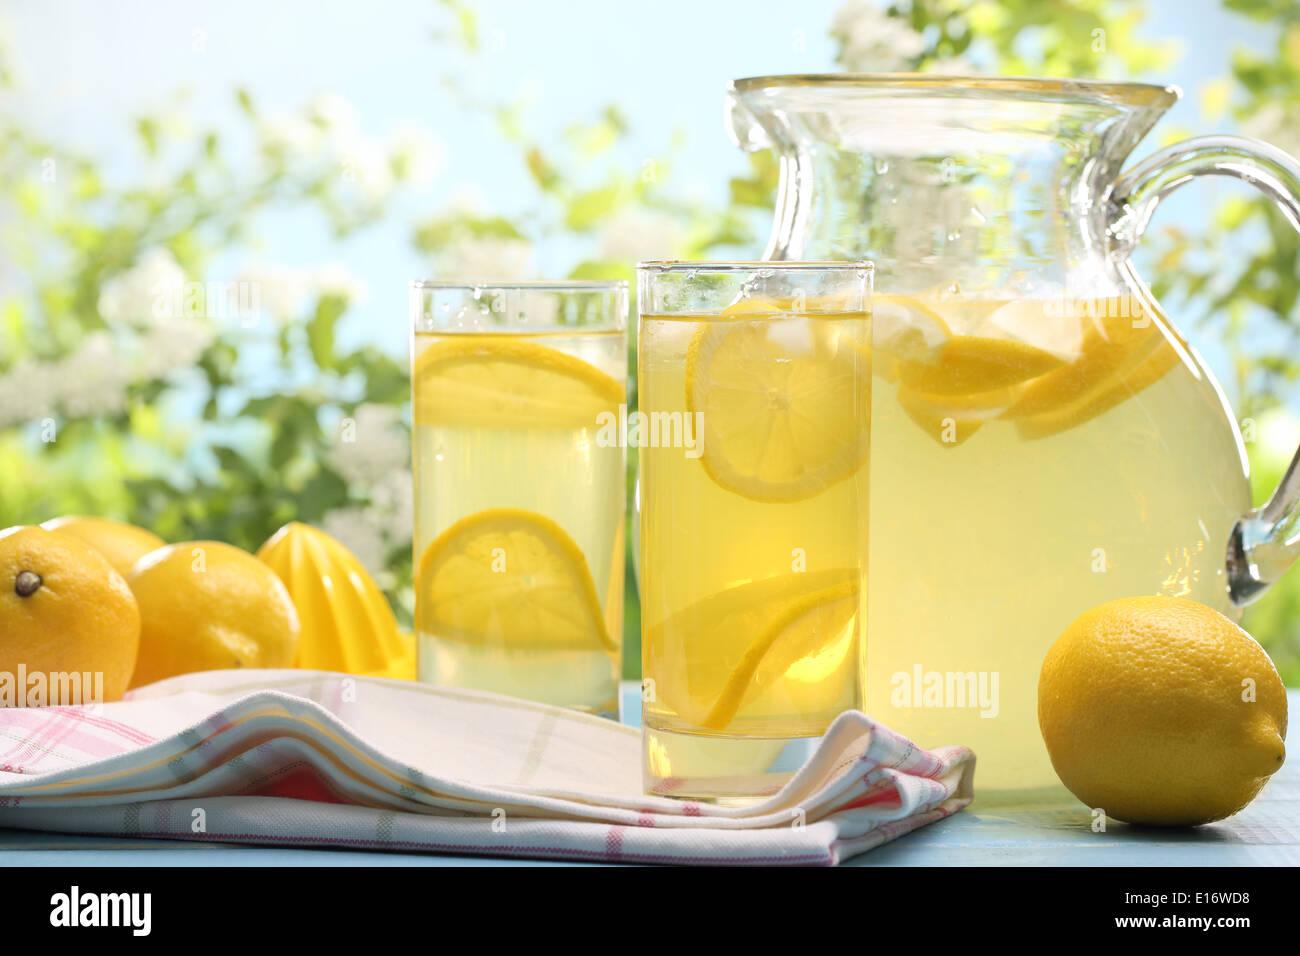 Limonata di agrumi,bevanda estiva. Immagini Stock